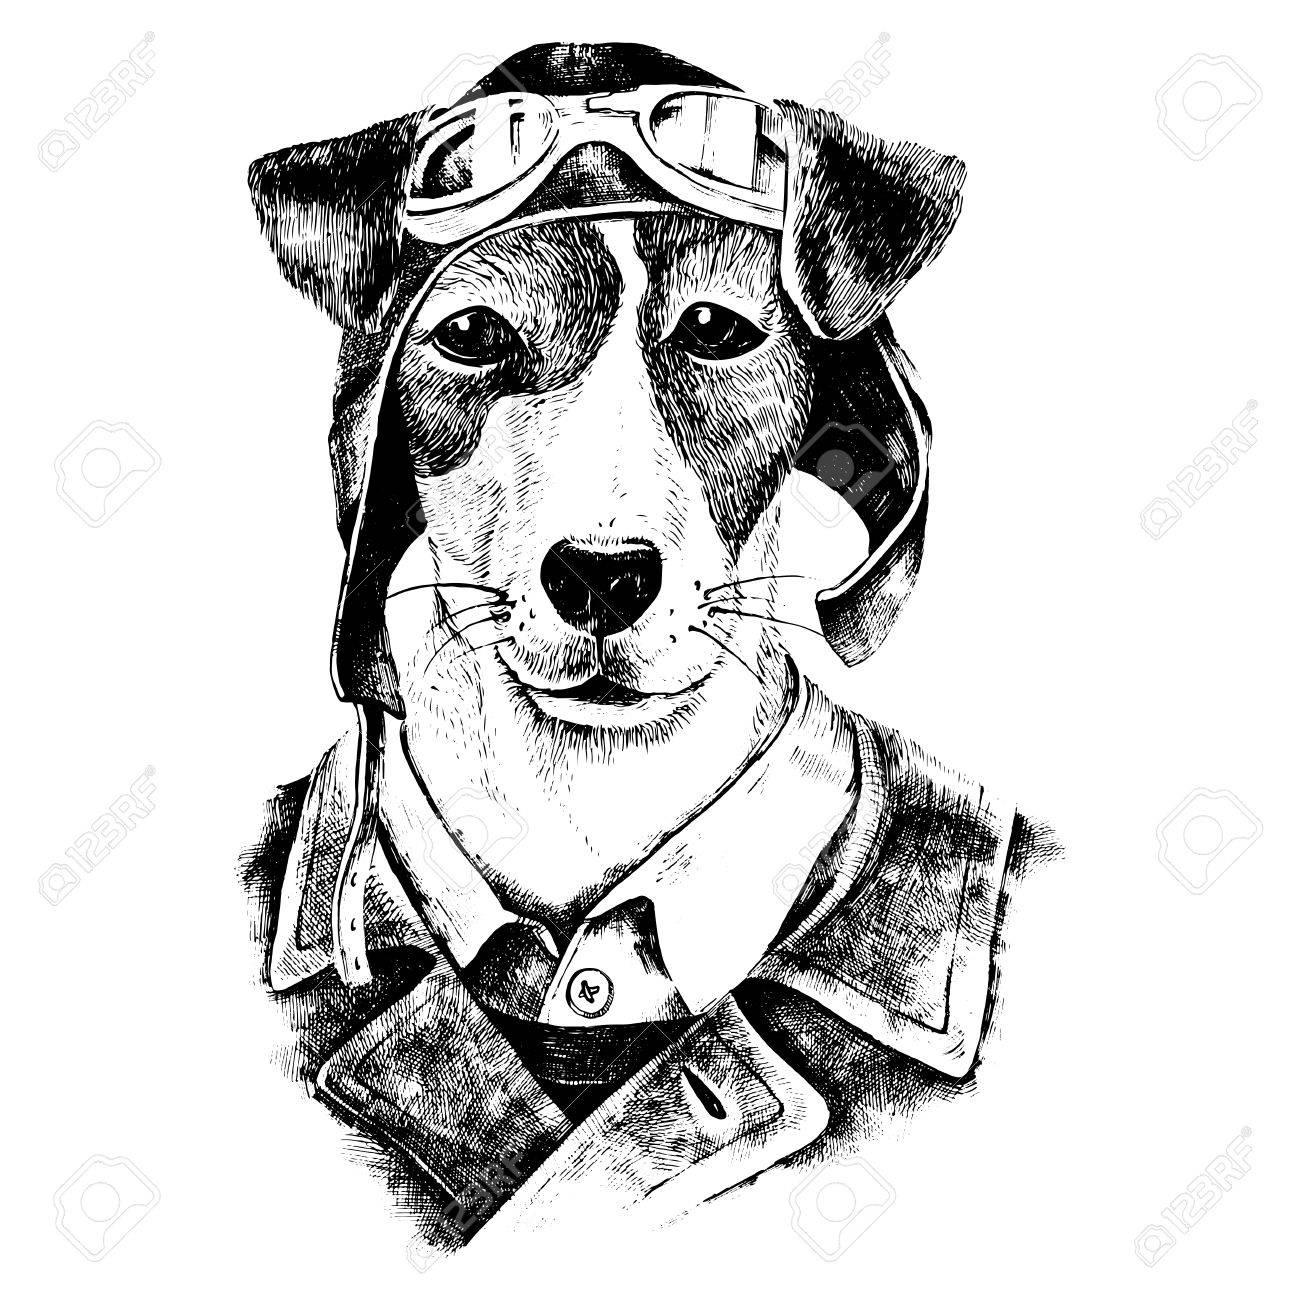 Hand drawn black and white dressed up dog aviator - 58842926